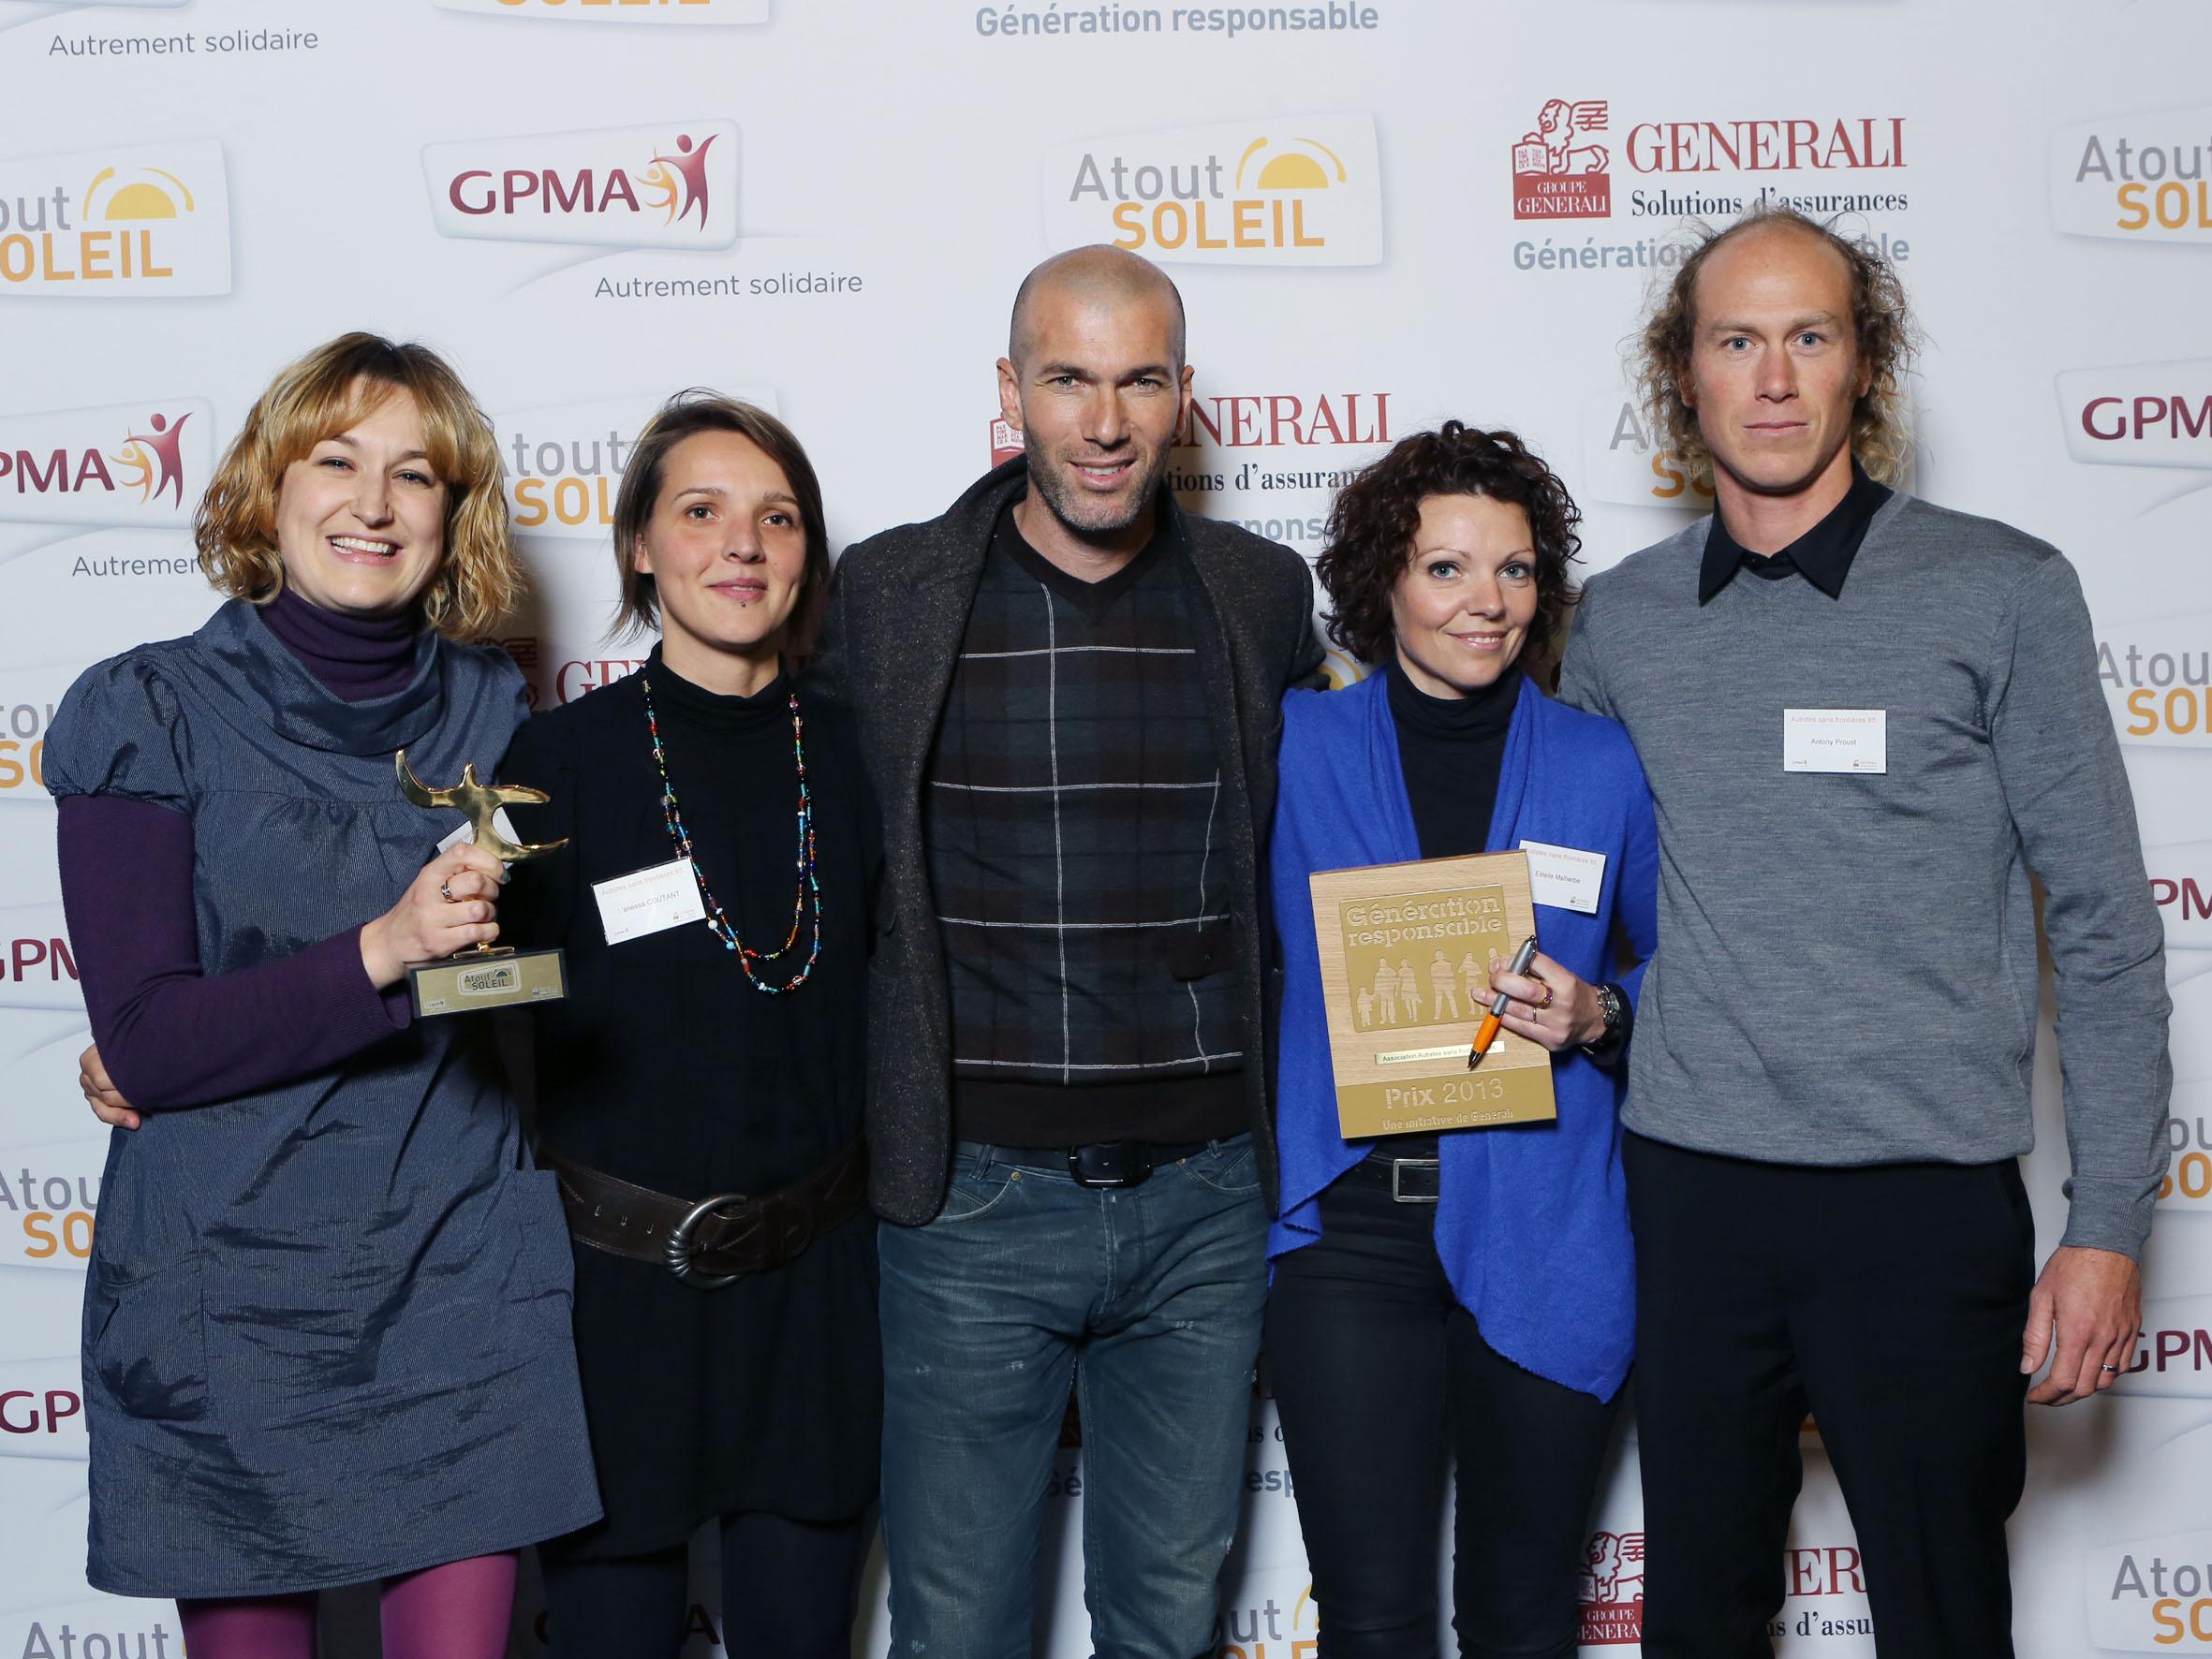 Édith Roy, Vanessa Coutant, Zinedine Zidane, parrain de Generali, Estelle Malherbe et Antony Proust lors de la soirée Atout Soleil 2013, le 3 décembre 2013. Récipiendaire du prix Génération Responsable pour le projet « Levons la voile de l'autisme »